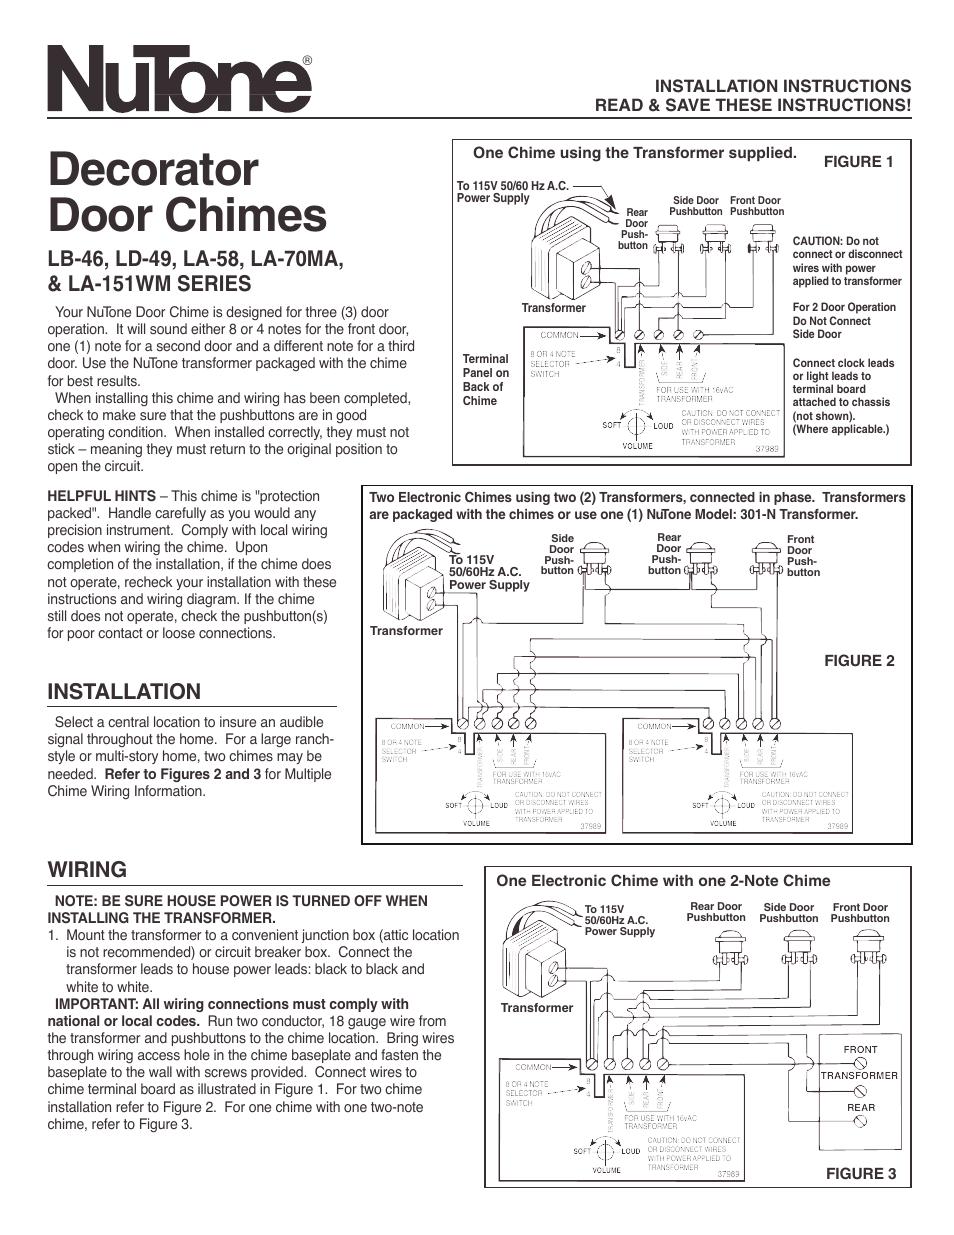 Amazing 2 Bells Wiring Diagram For Door Collection - Wiring Diagram ...